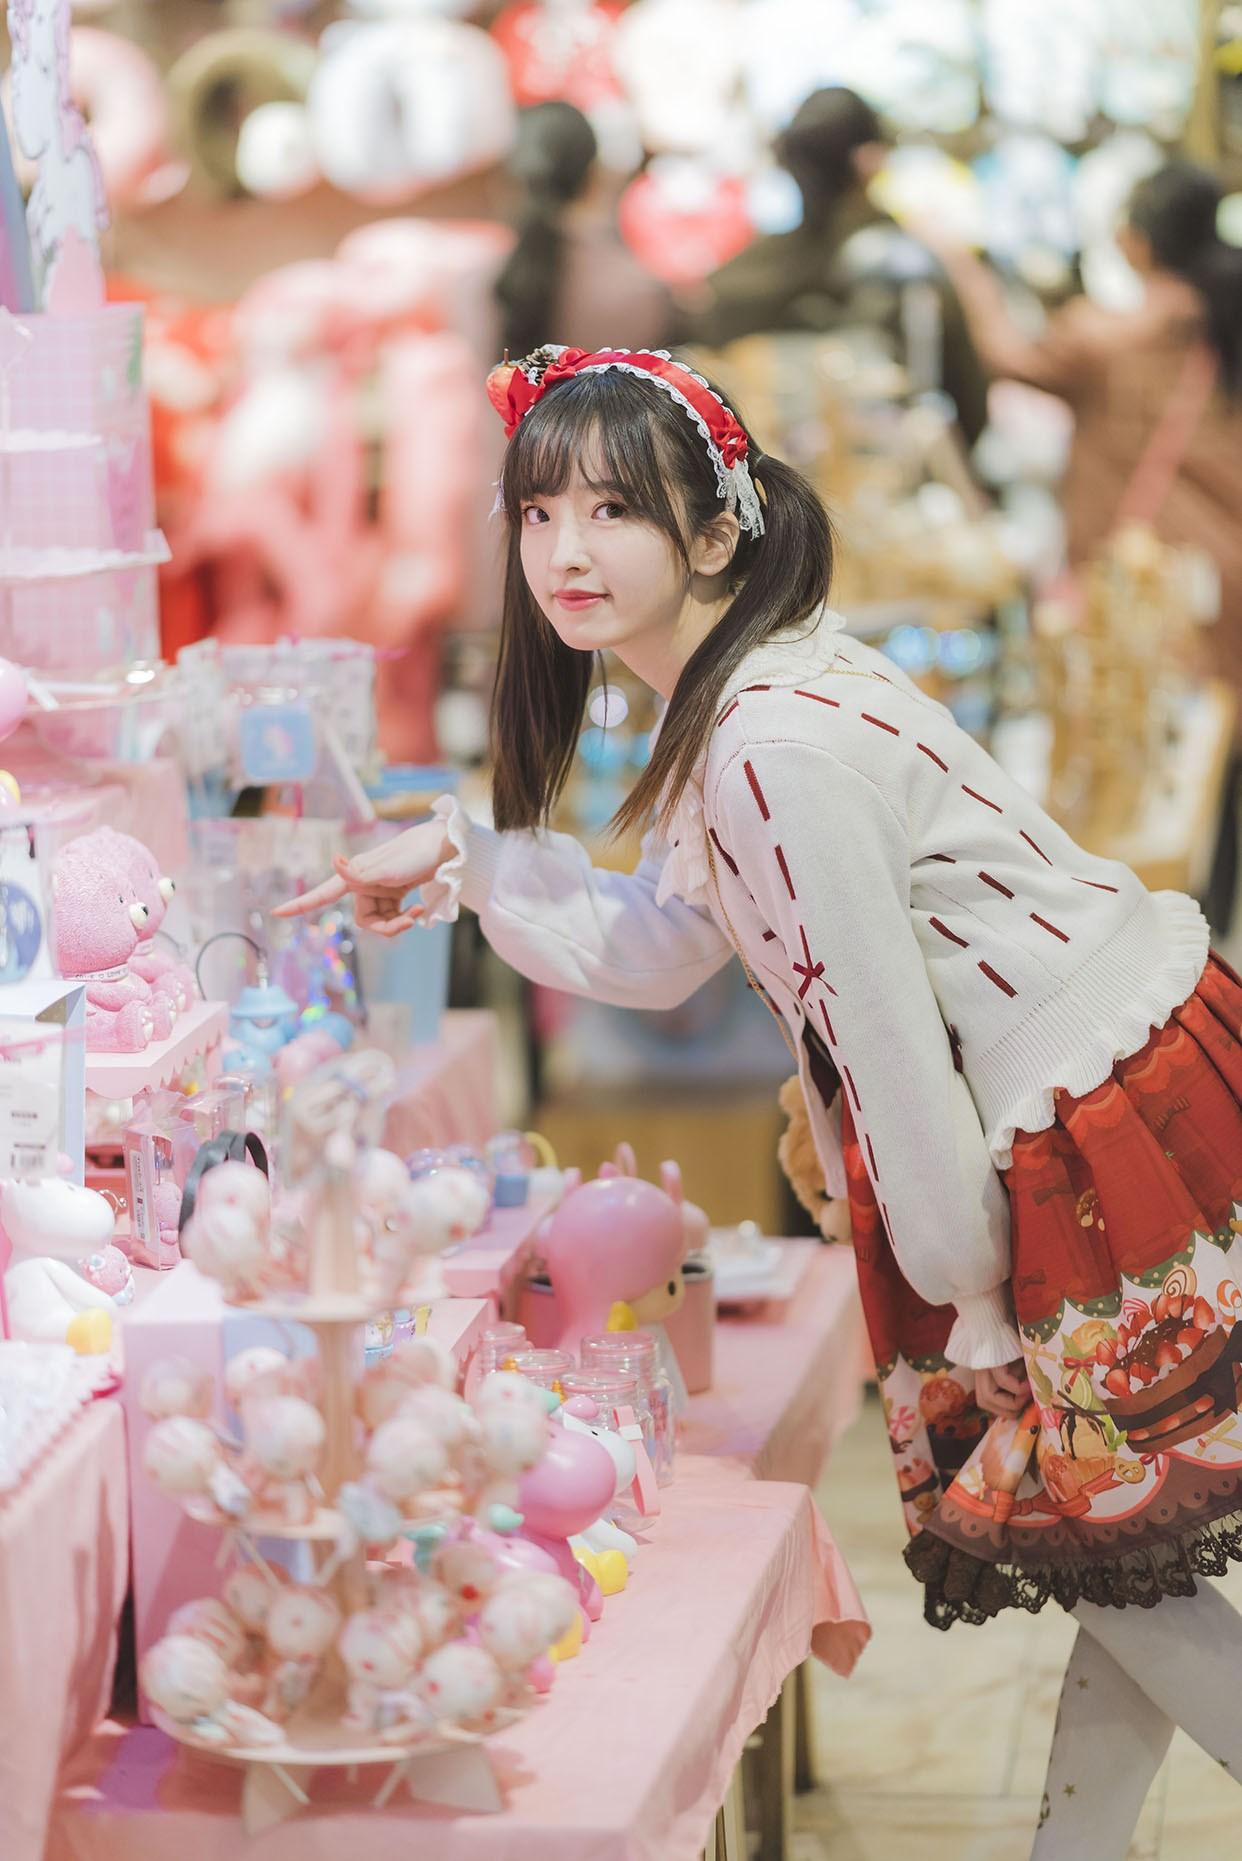 【兔玩映画】一只甜甜的小女友 兔玩映画 第2张